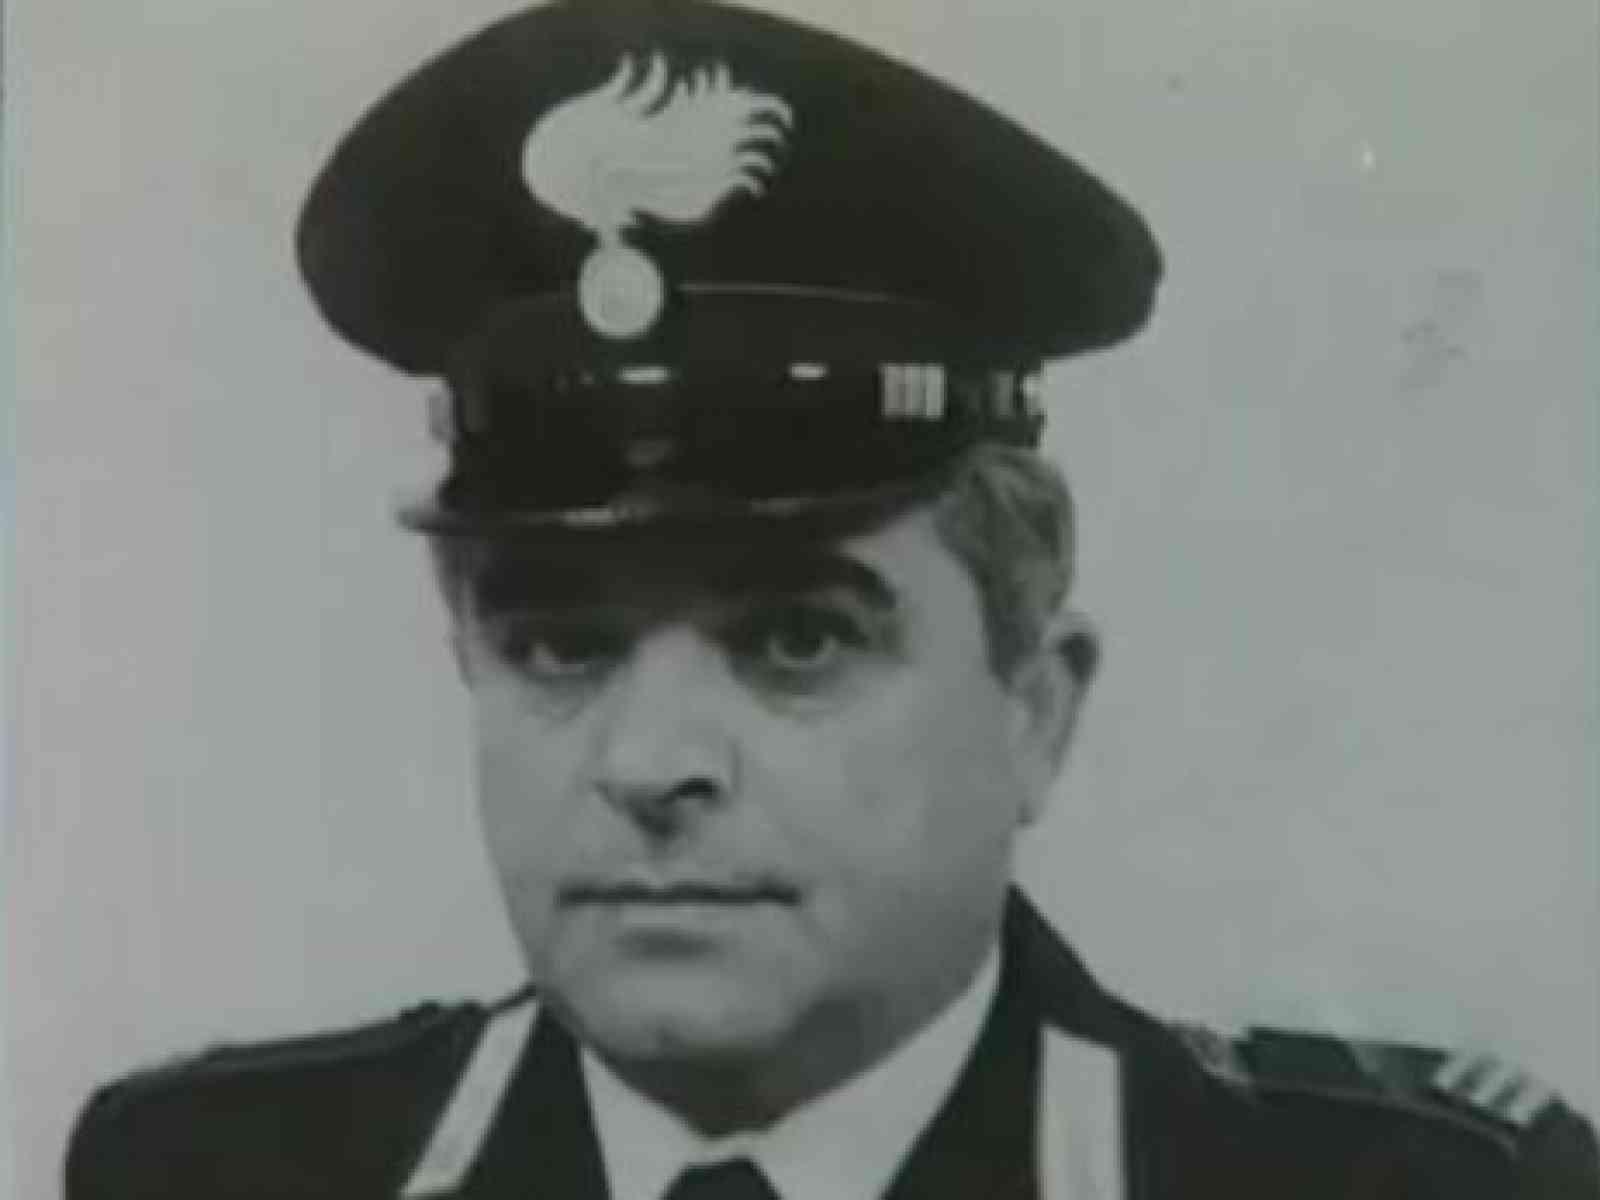 Menfi. 24esimo anniversario dalla scomparsa del Maresciallo Guazzelli, ucciso dalla mafia